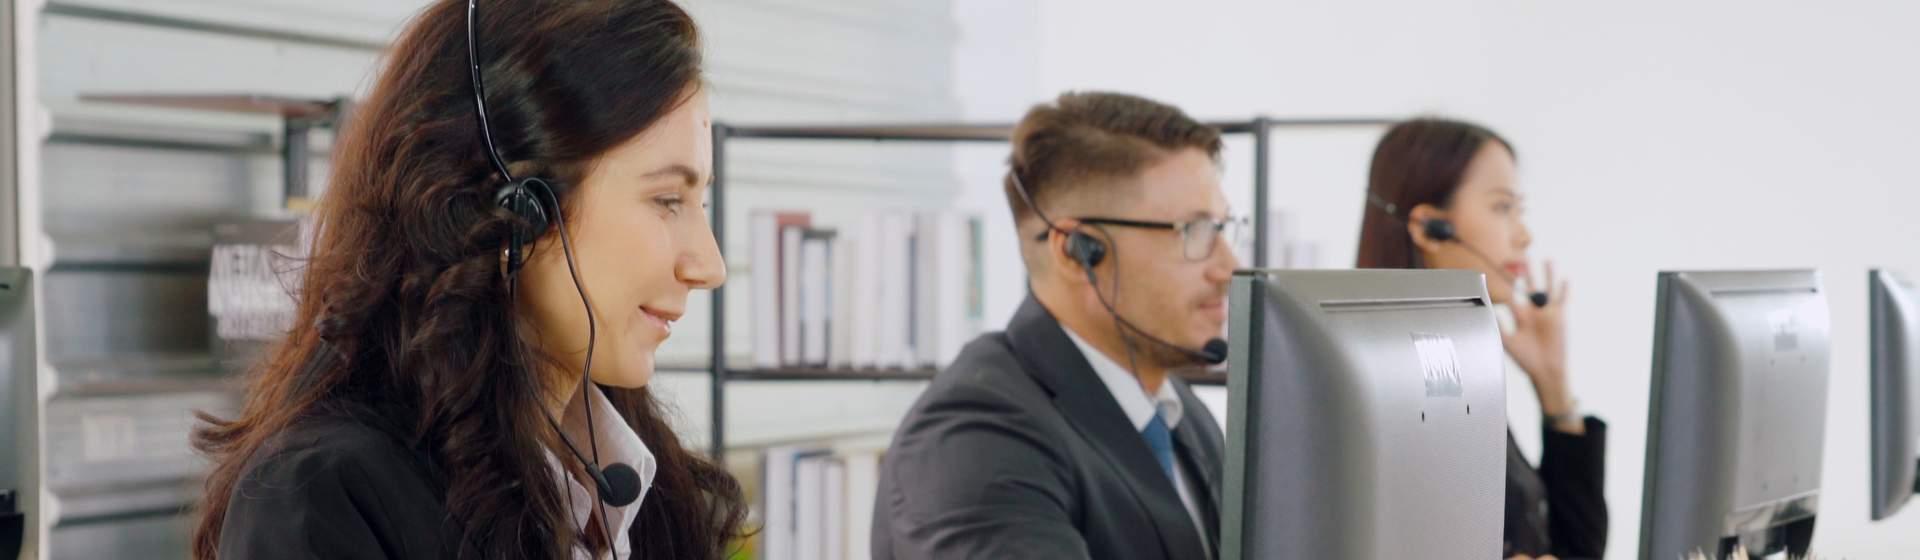 Assistência Técnica Samsung oferece suporte remoto e presencial; aprenda como acessar